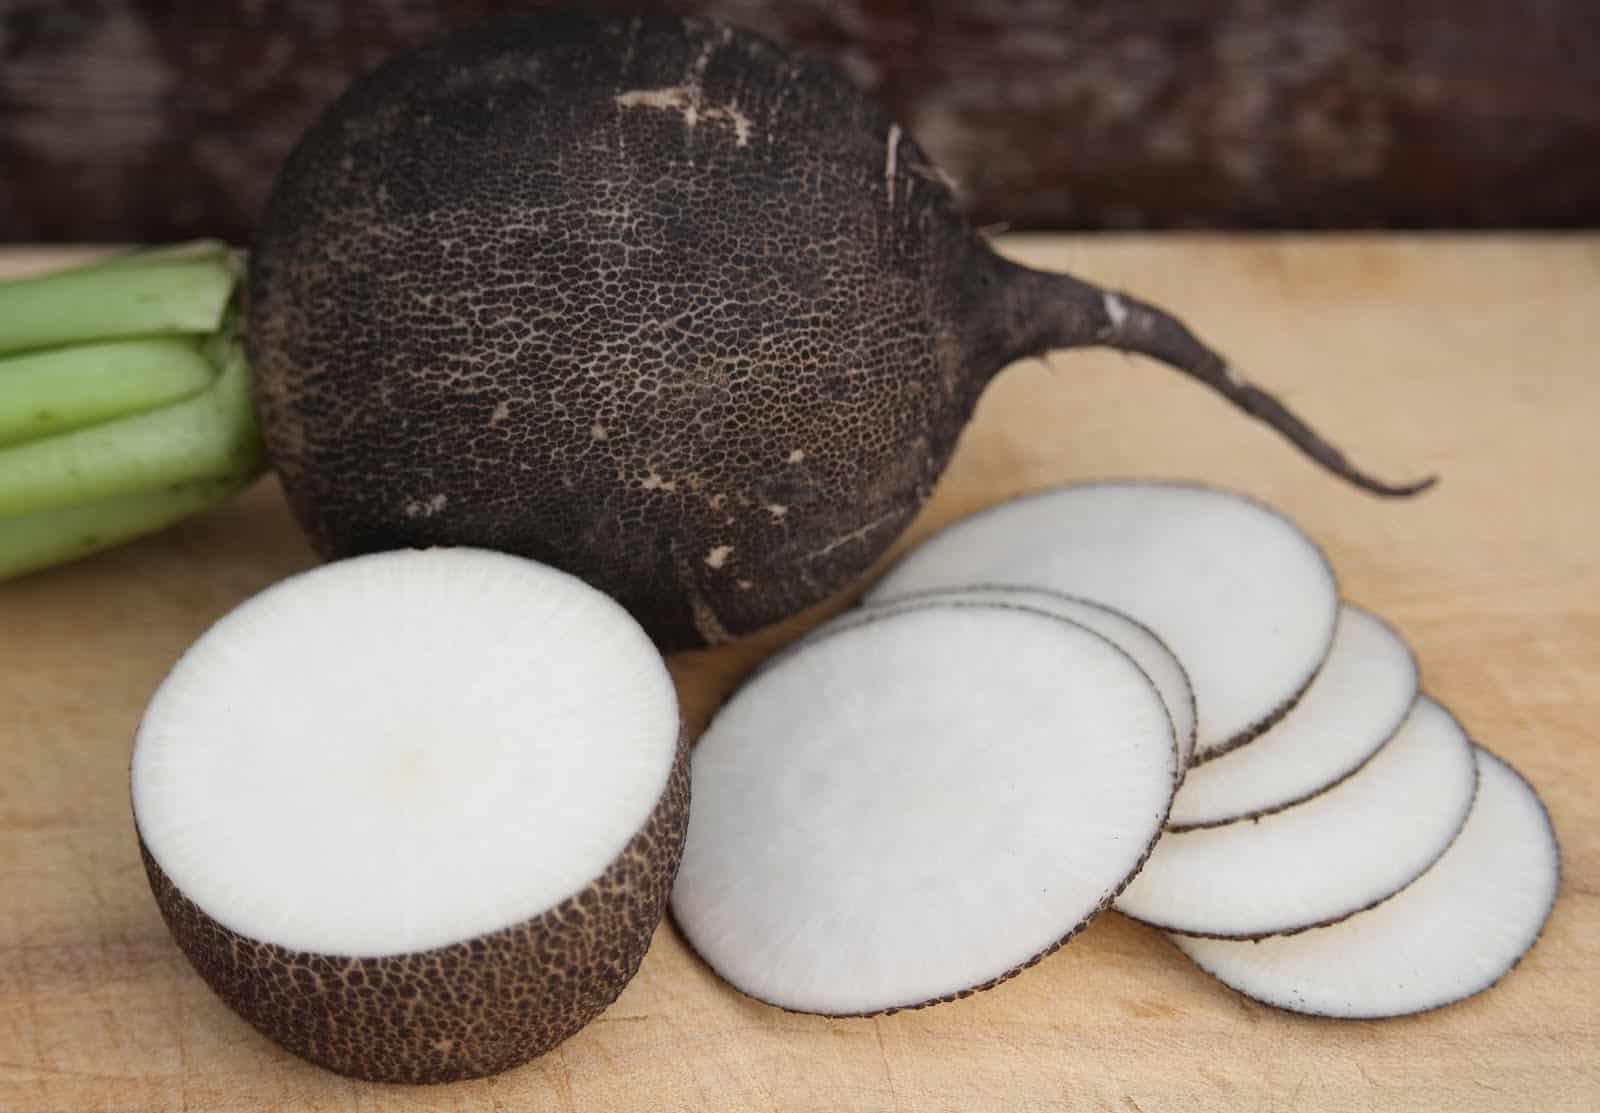 Топ-10 продуктов, которые вызывают неприятный запах тела